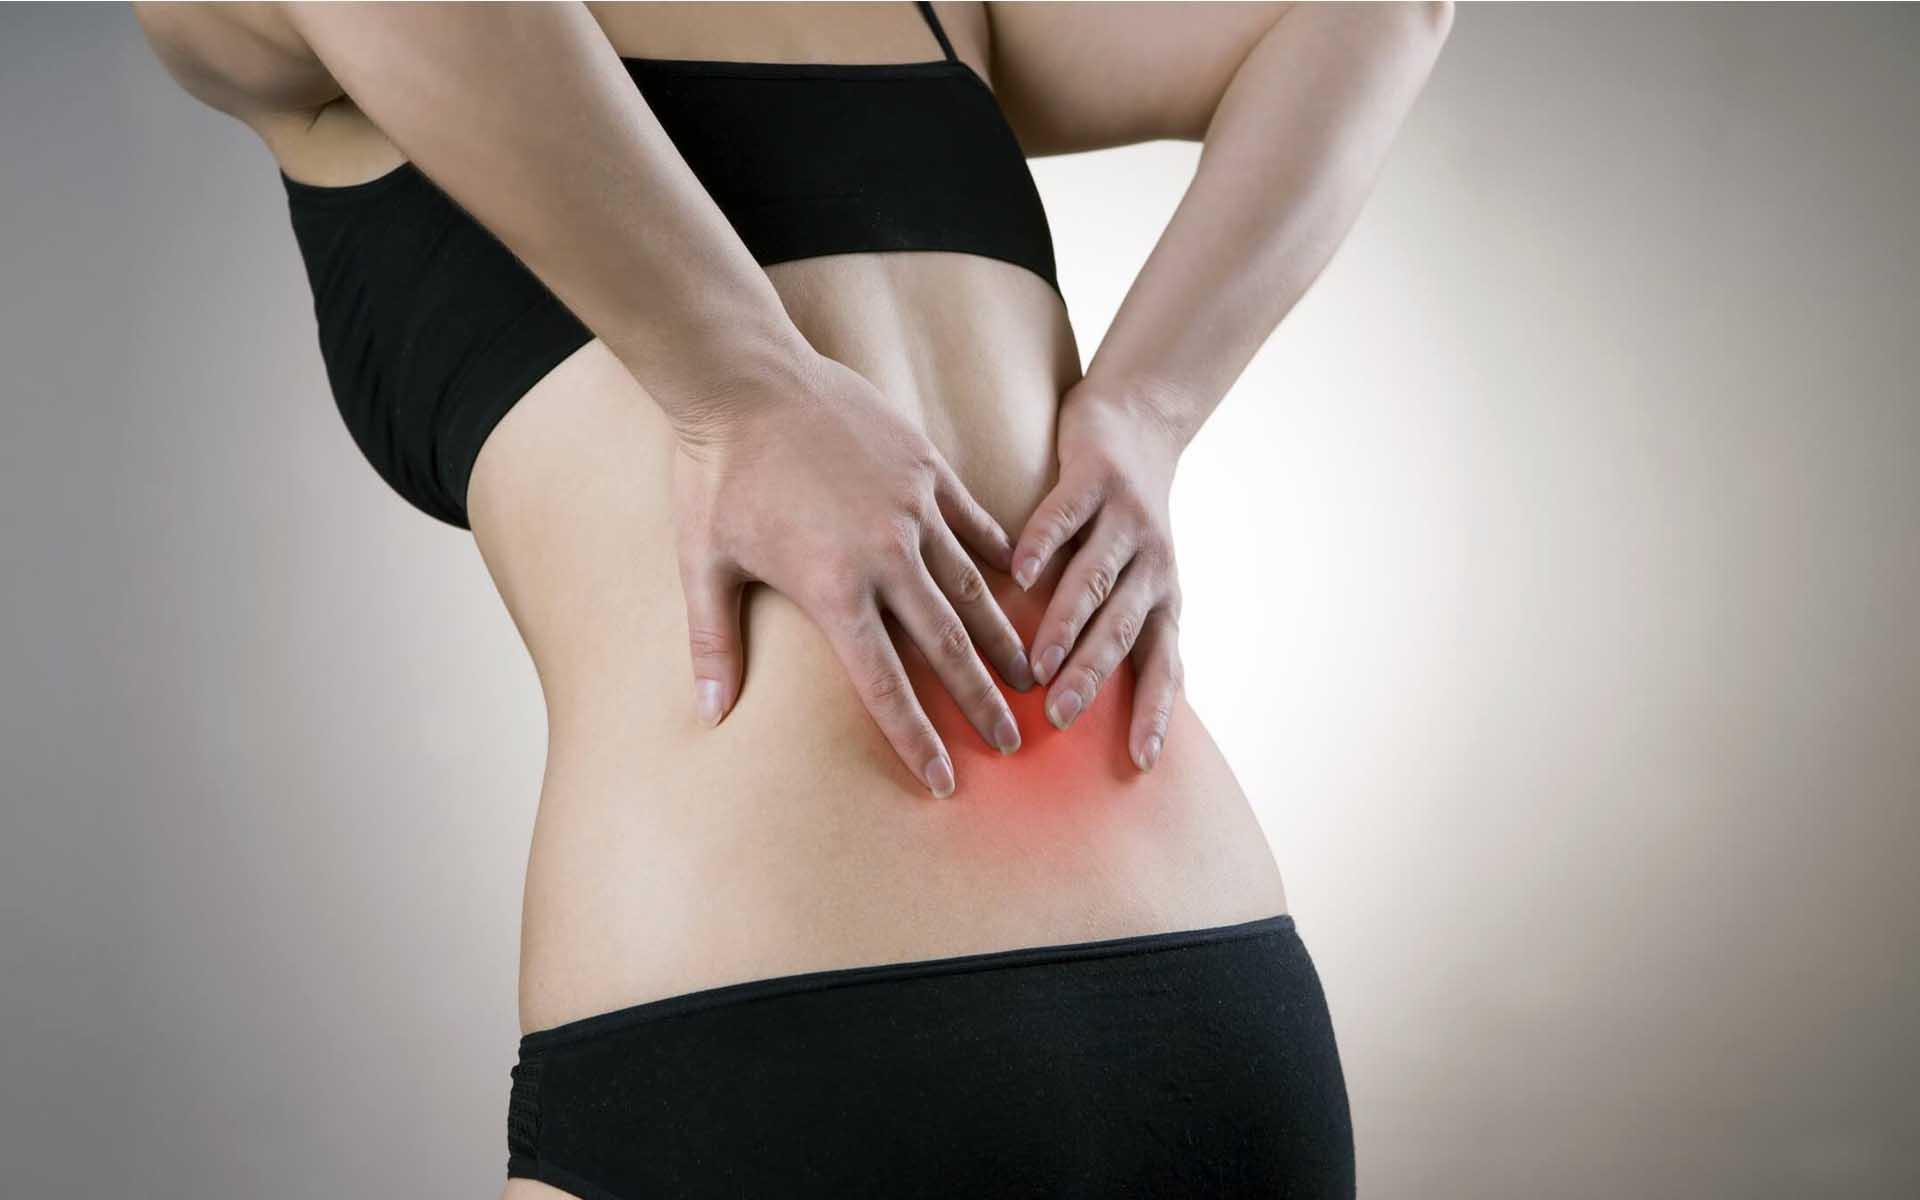 Как снять напряжение в спине после перелома позвонка.